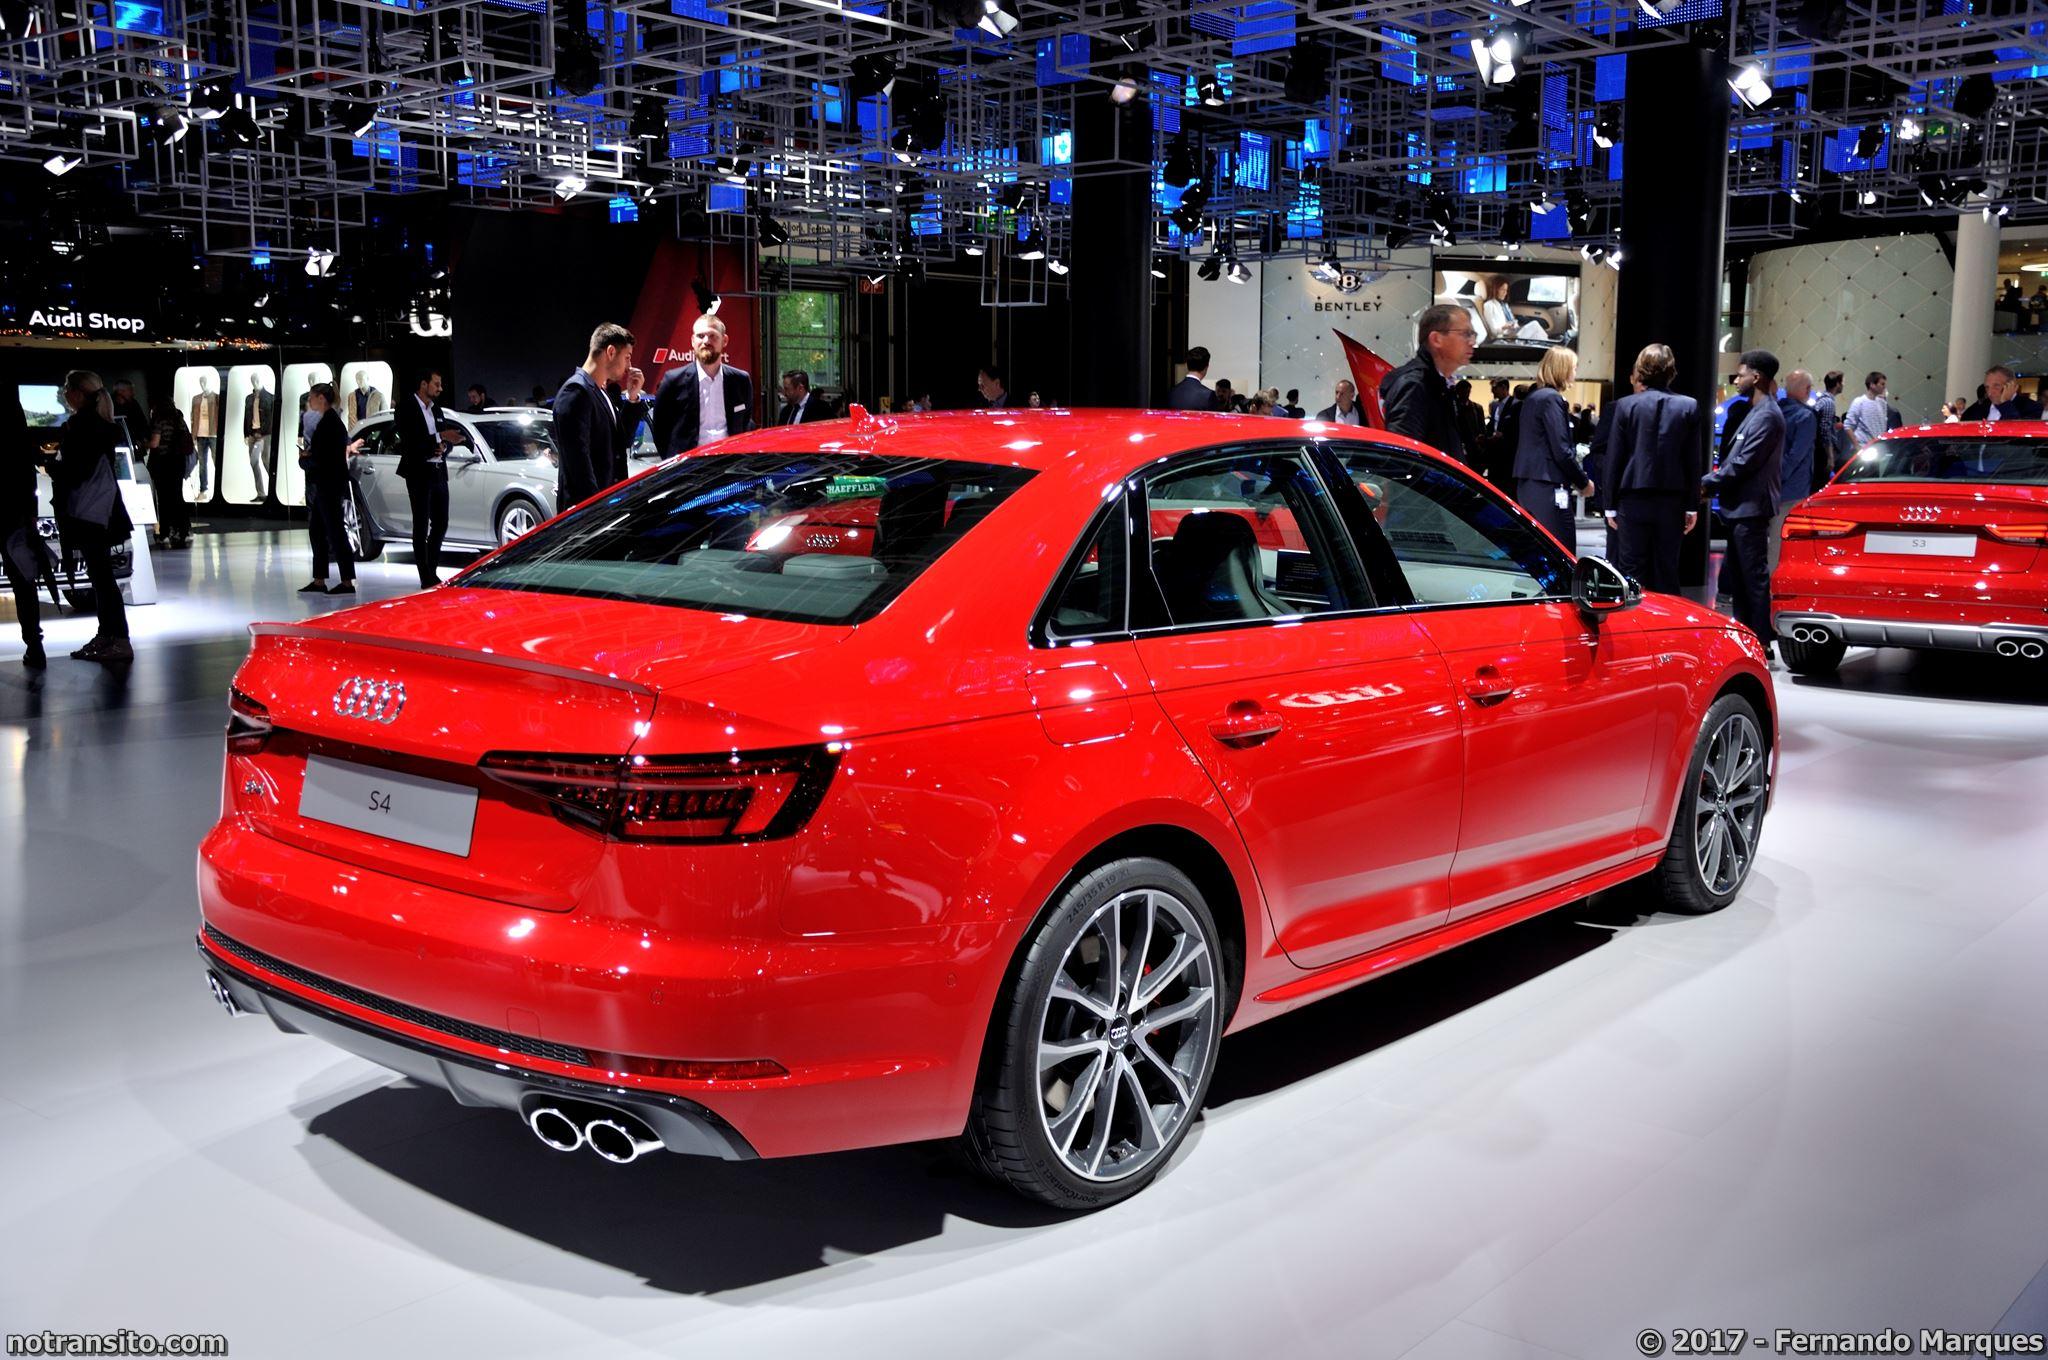 Audi-S4-Seda-Frankfurt-2017-003